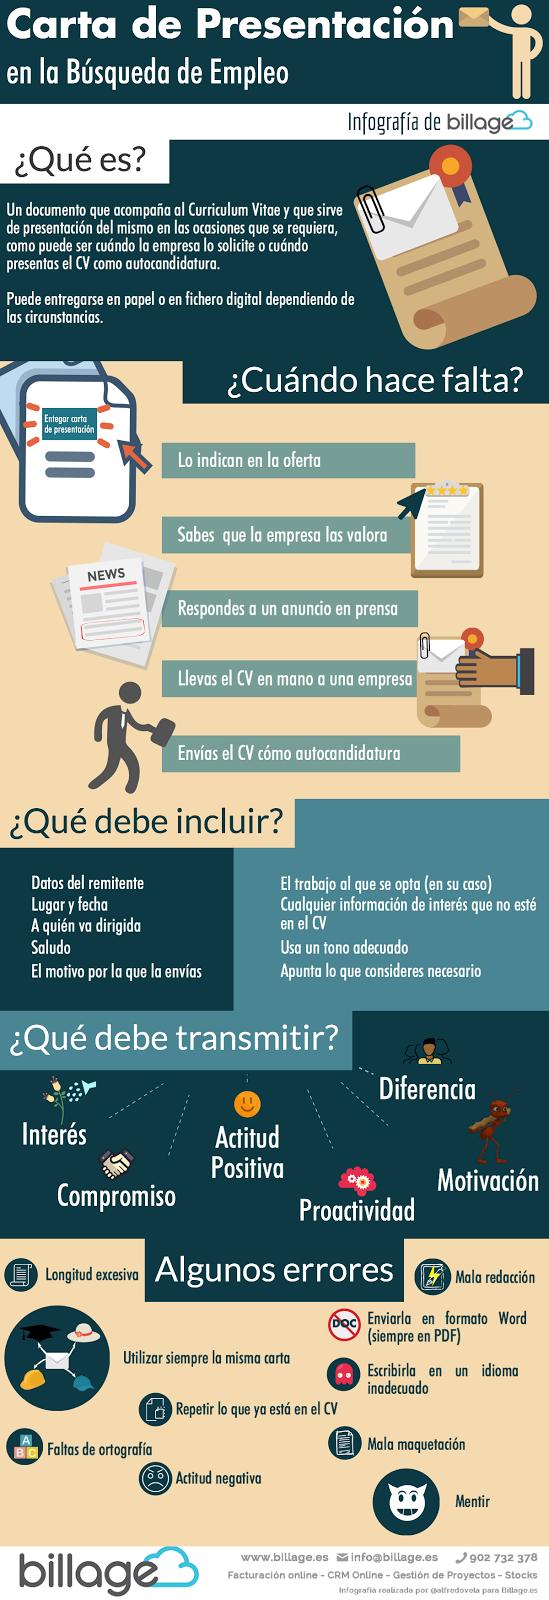 La Carta de Presentación en la Búsqueda de Empleo | Laboral ...